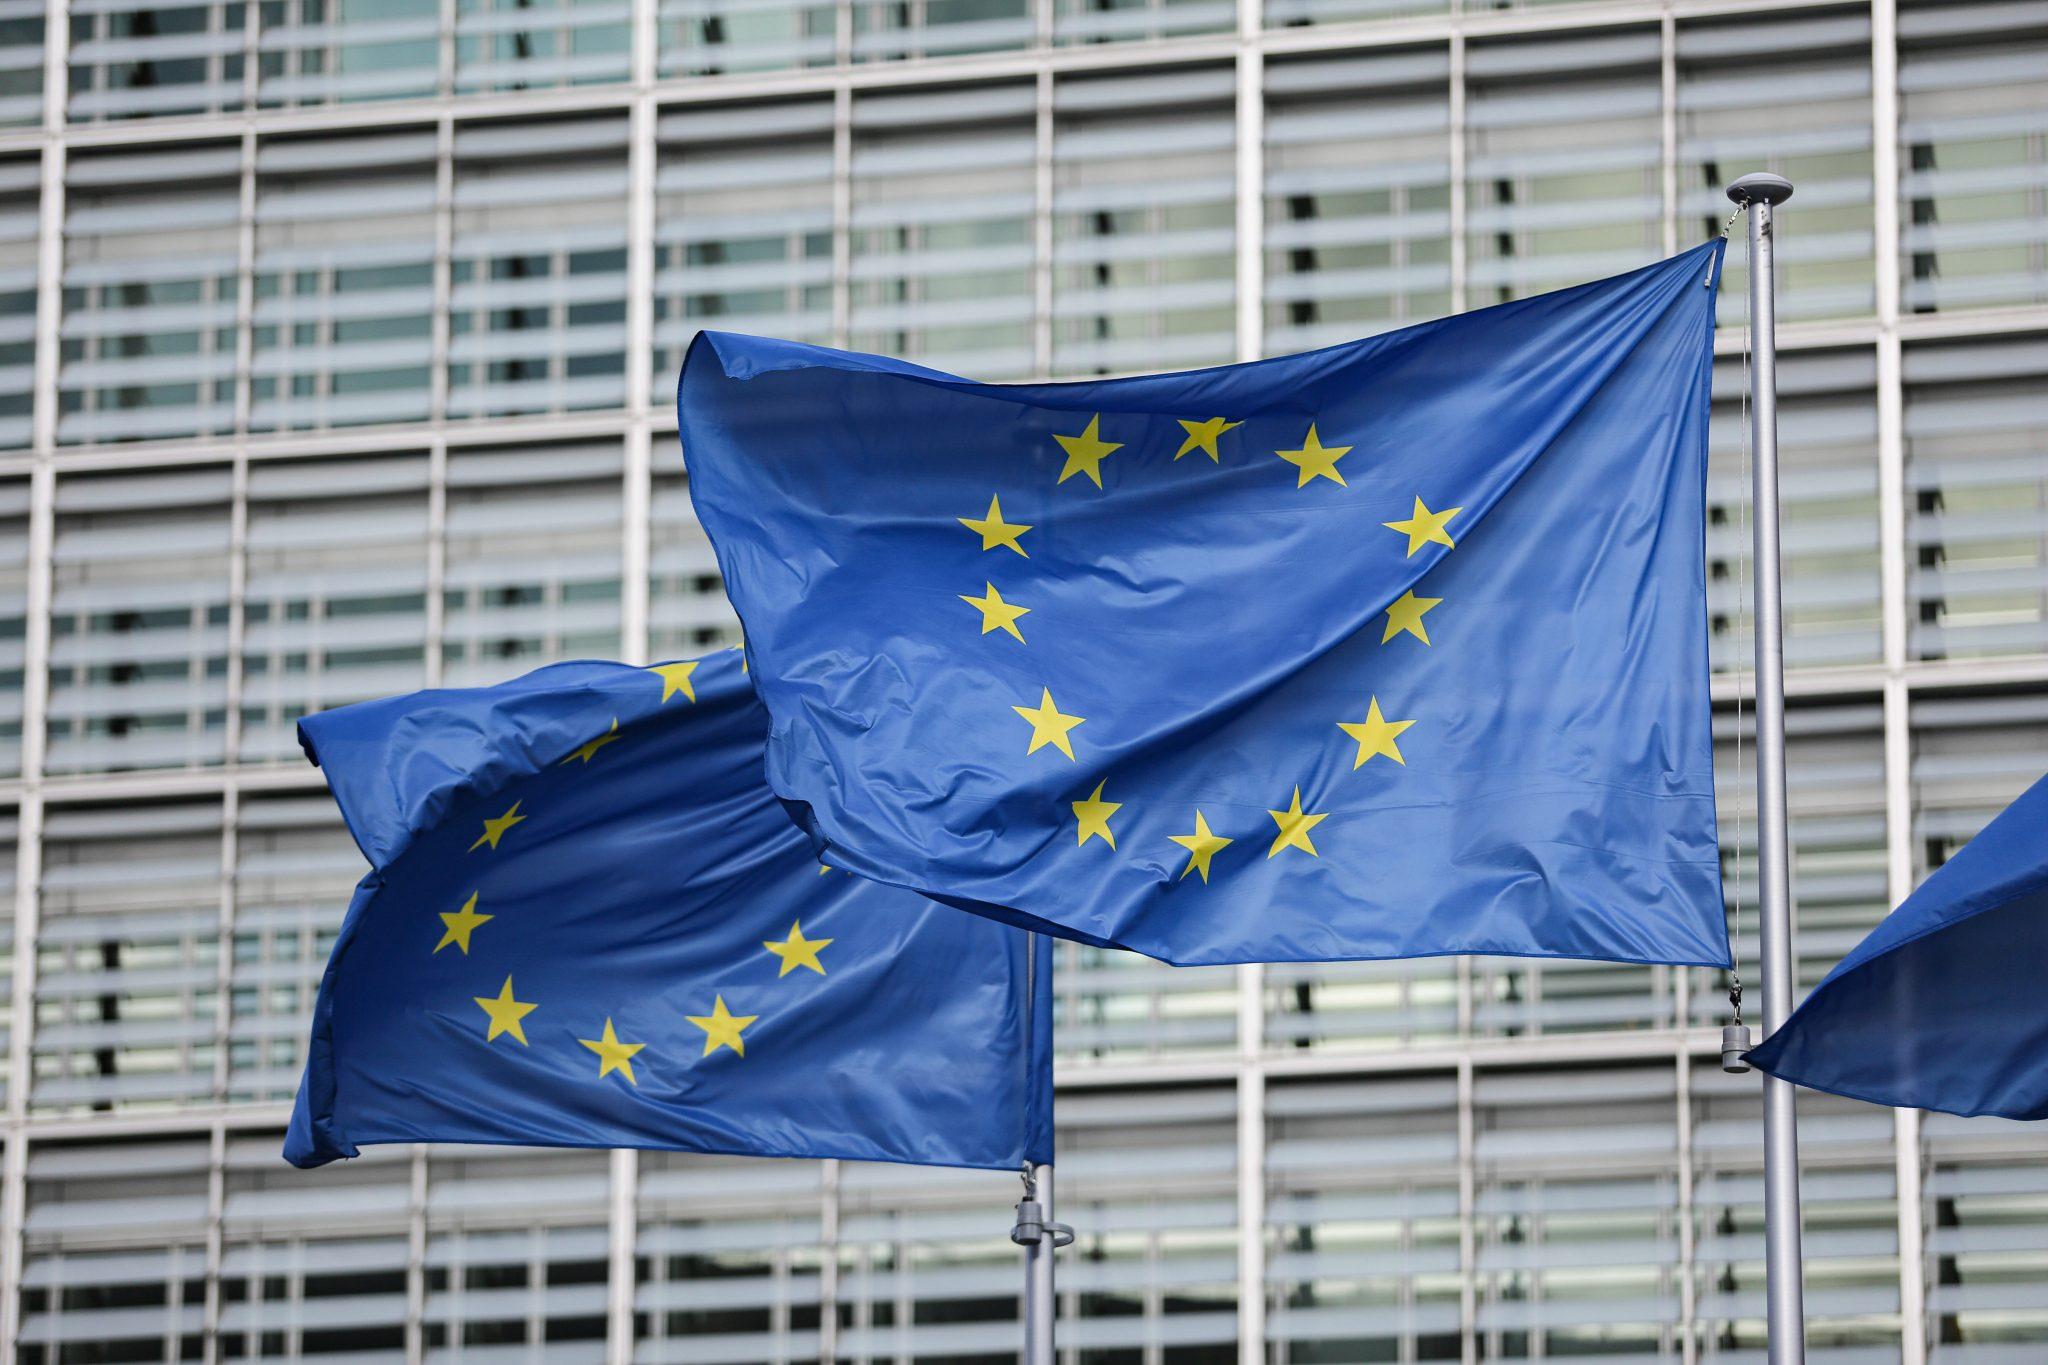 EU-Flaggen in Brüssel: Gegen universalistische Gebilde und Ideologien bringt Yoram Hazony den Nationalismus in Stellung (Symbolbild) Foto: picture alliance / NurPhoto   Nicolas Economou